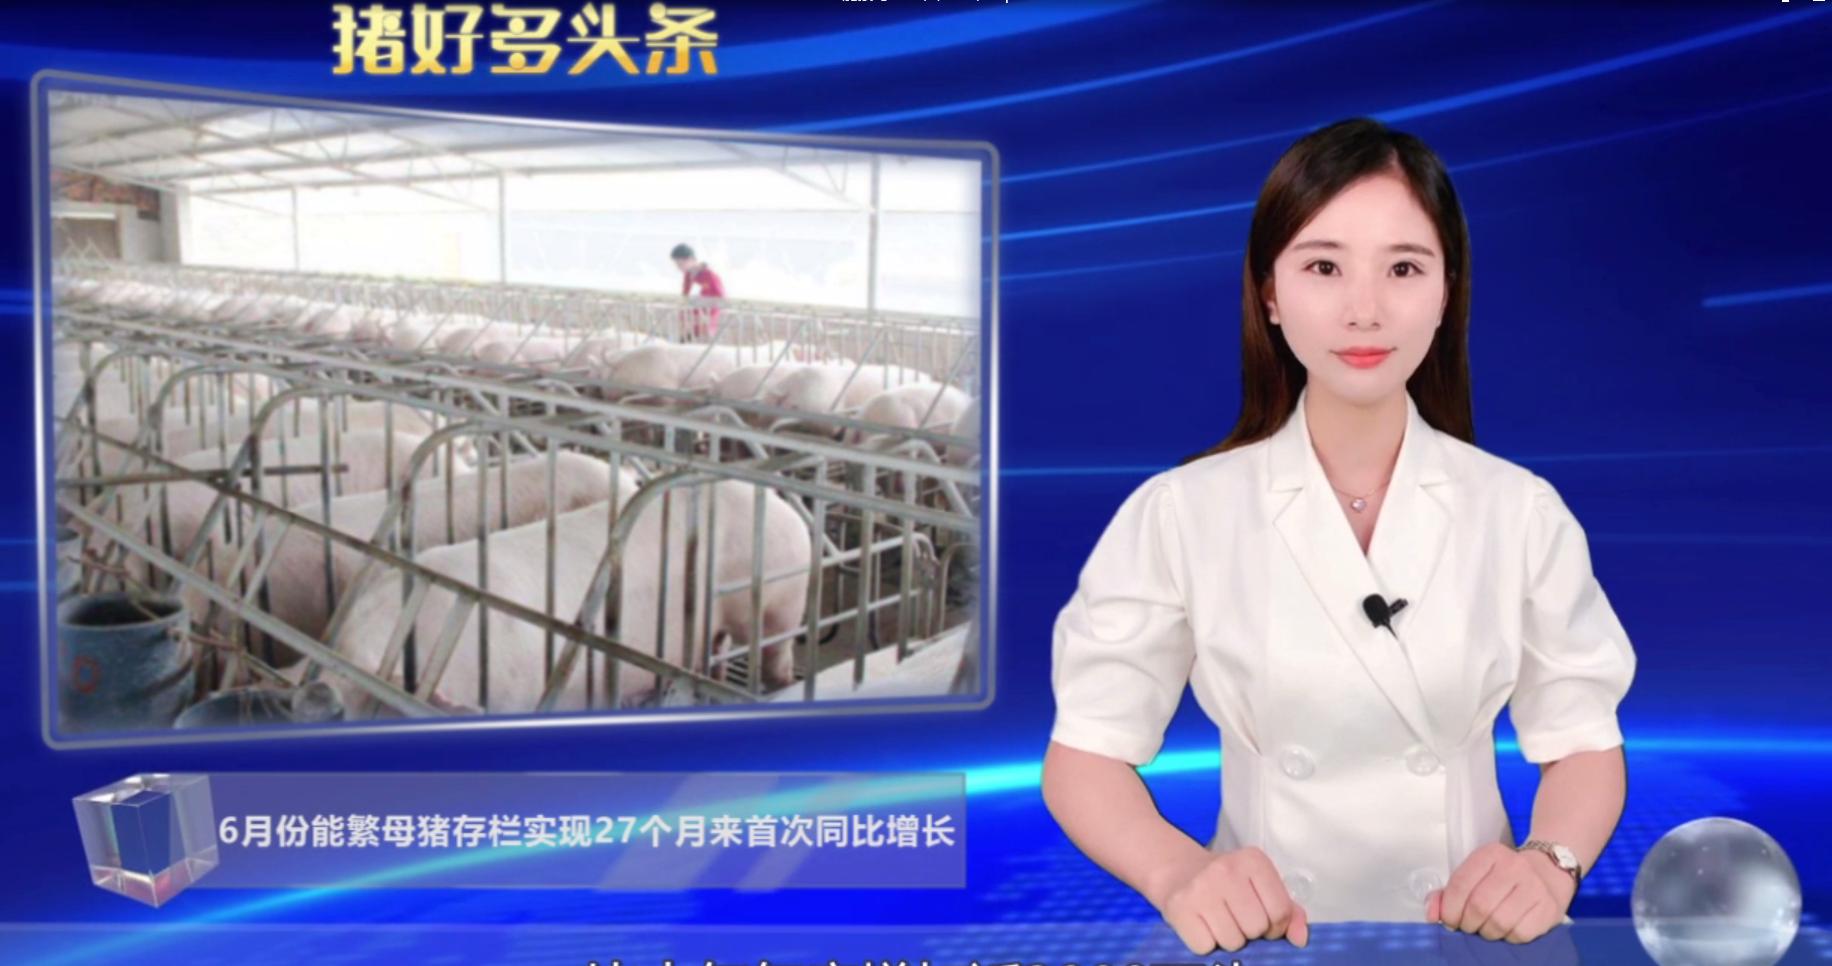 产能恢复势头良好!能繁母猪存增长,生猪存栏增加近3000万头